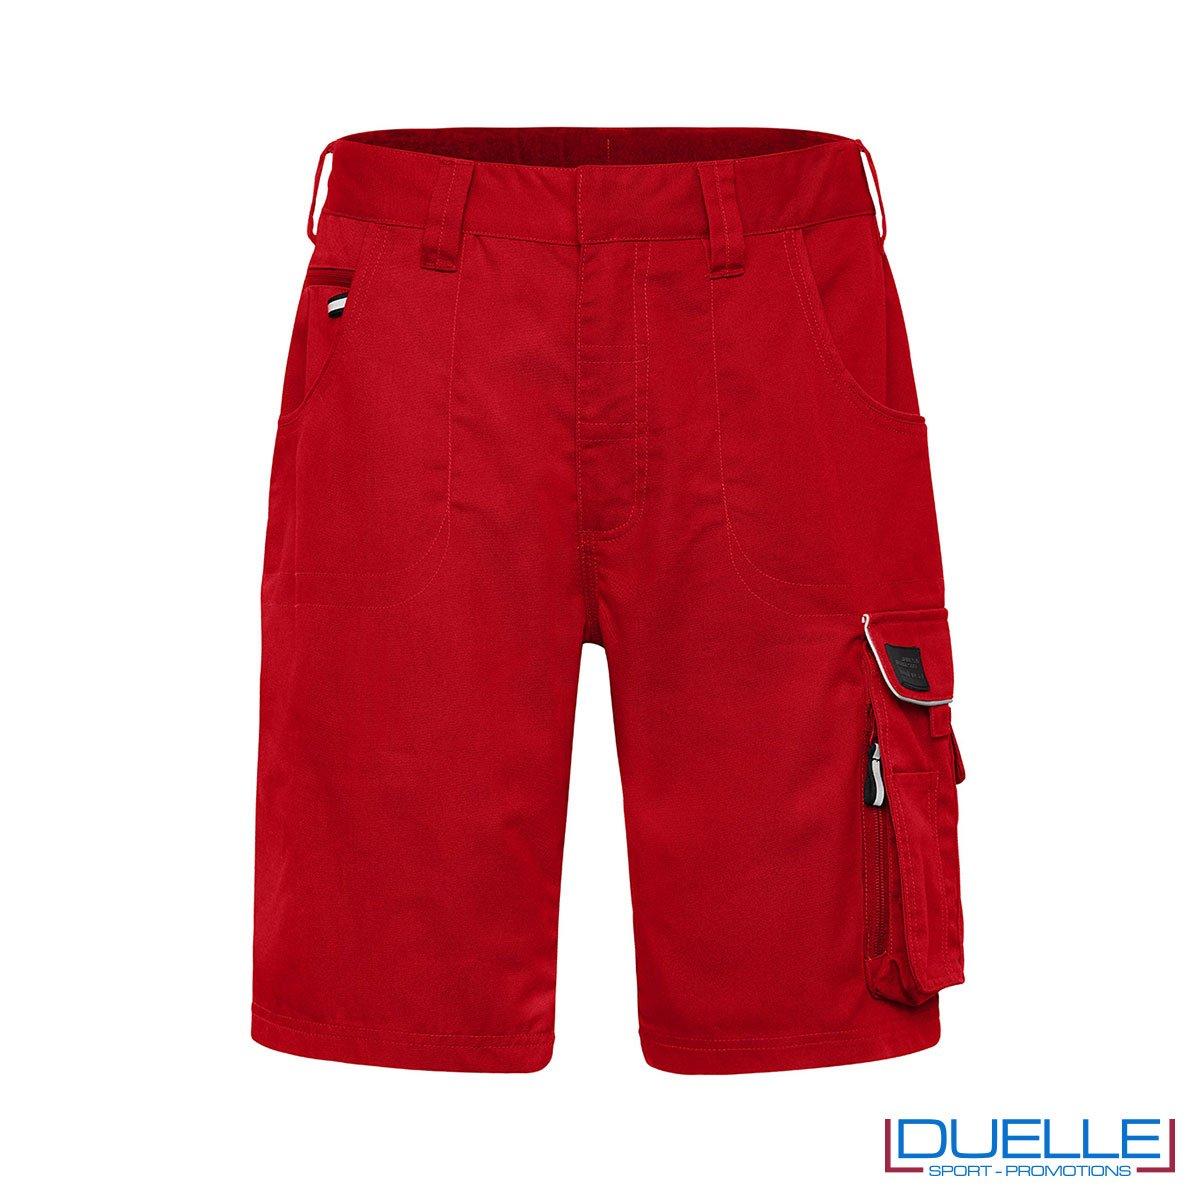 Bermuda da lavoro personalizzate in colore rosso